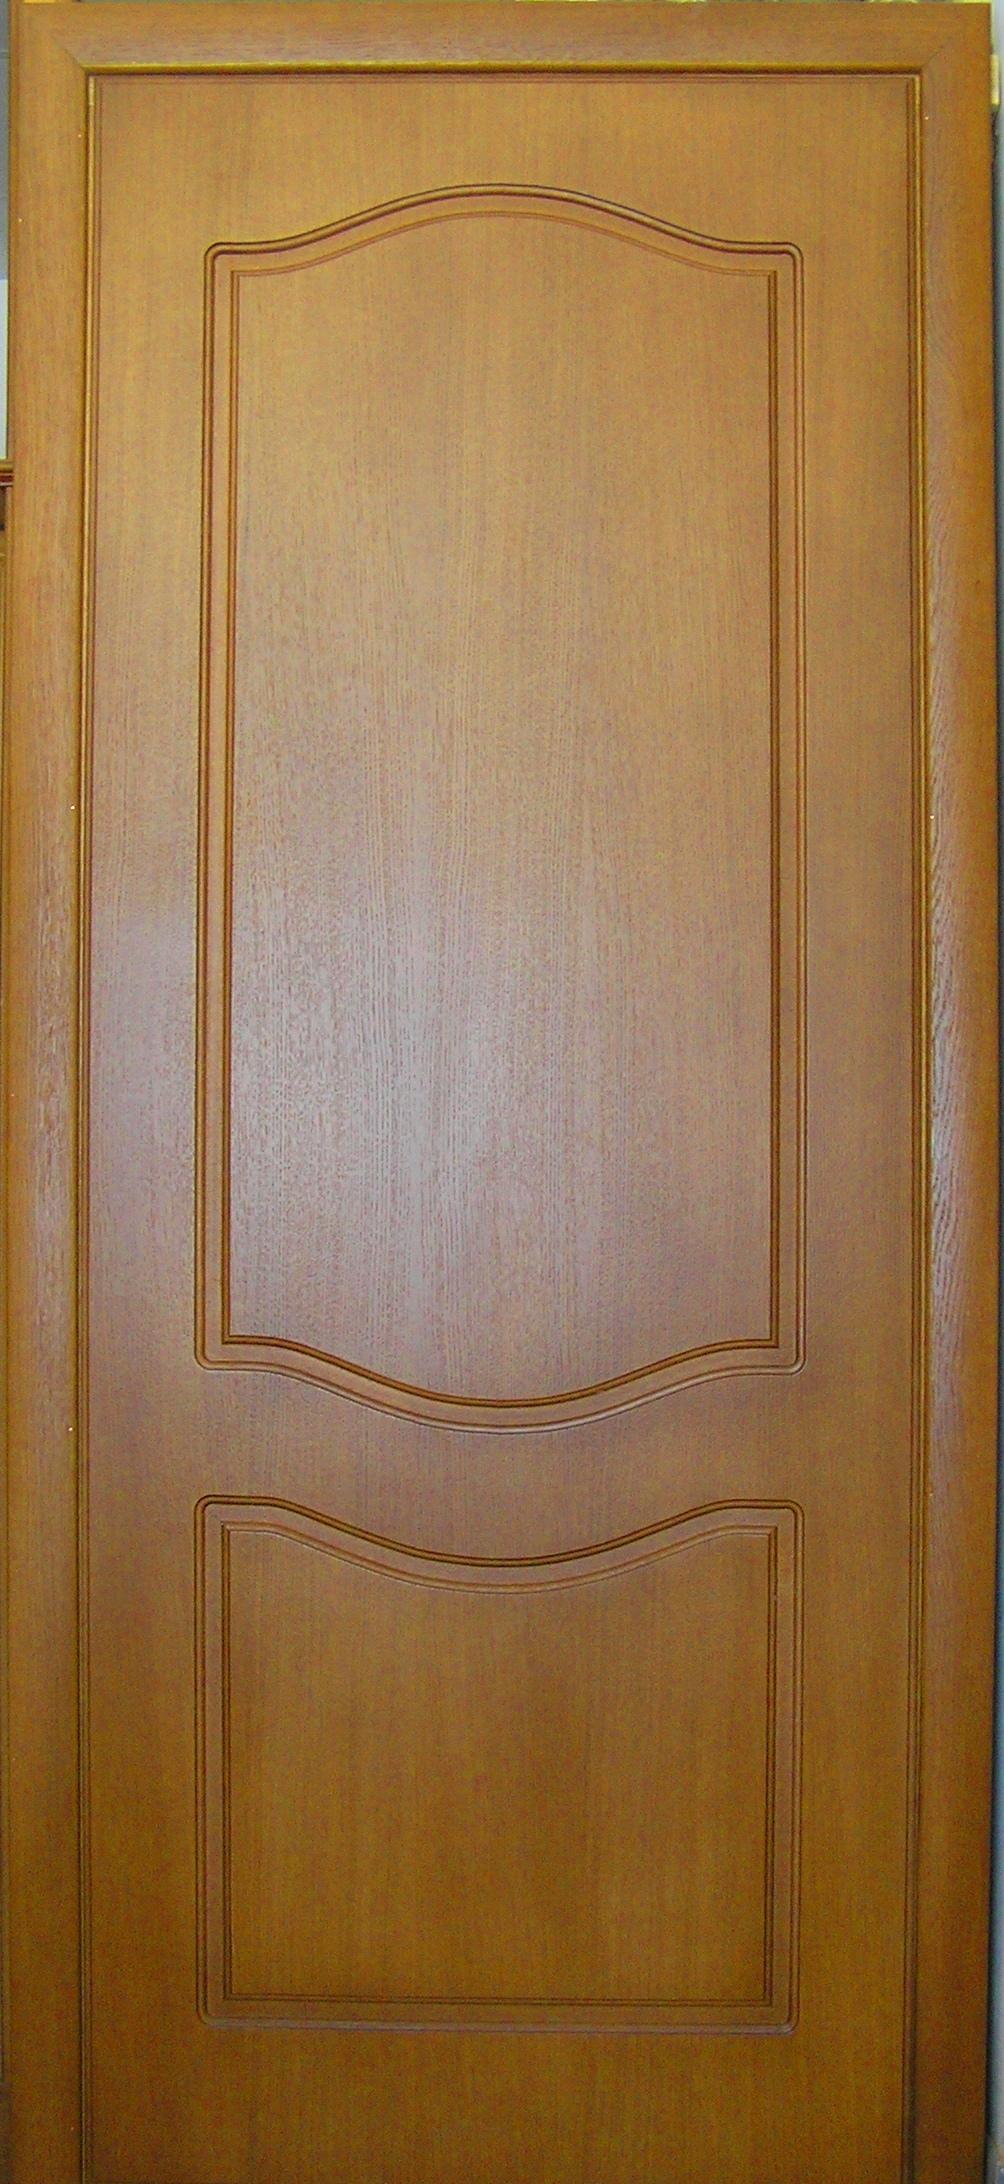 Накладки на двери: разновидности и установка Двери Дома 2